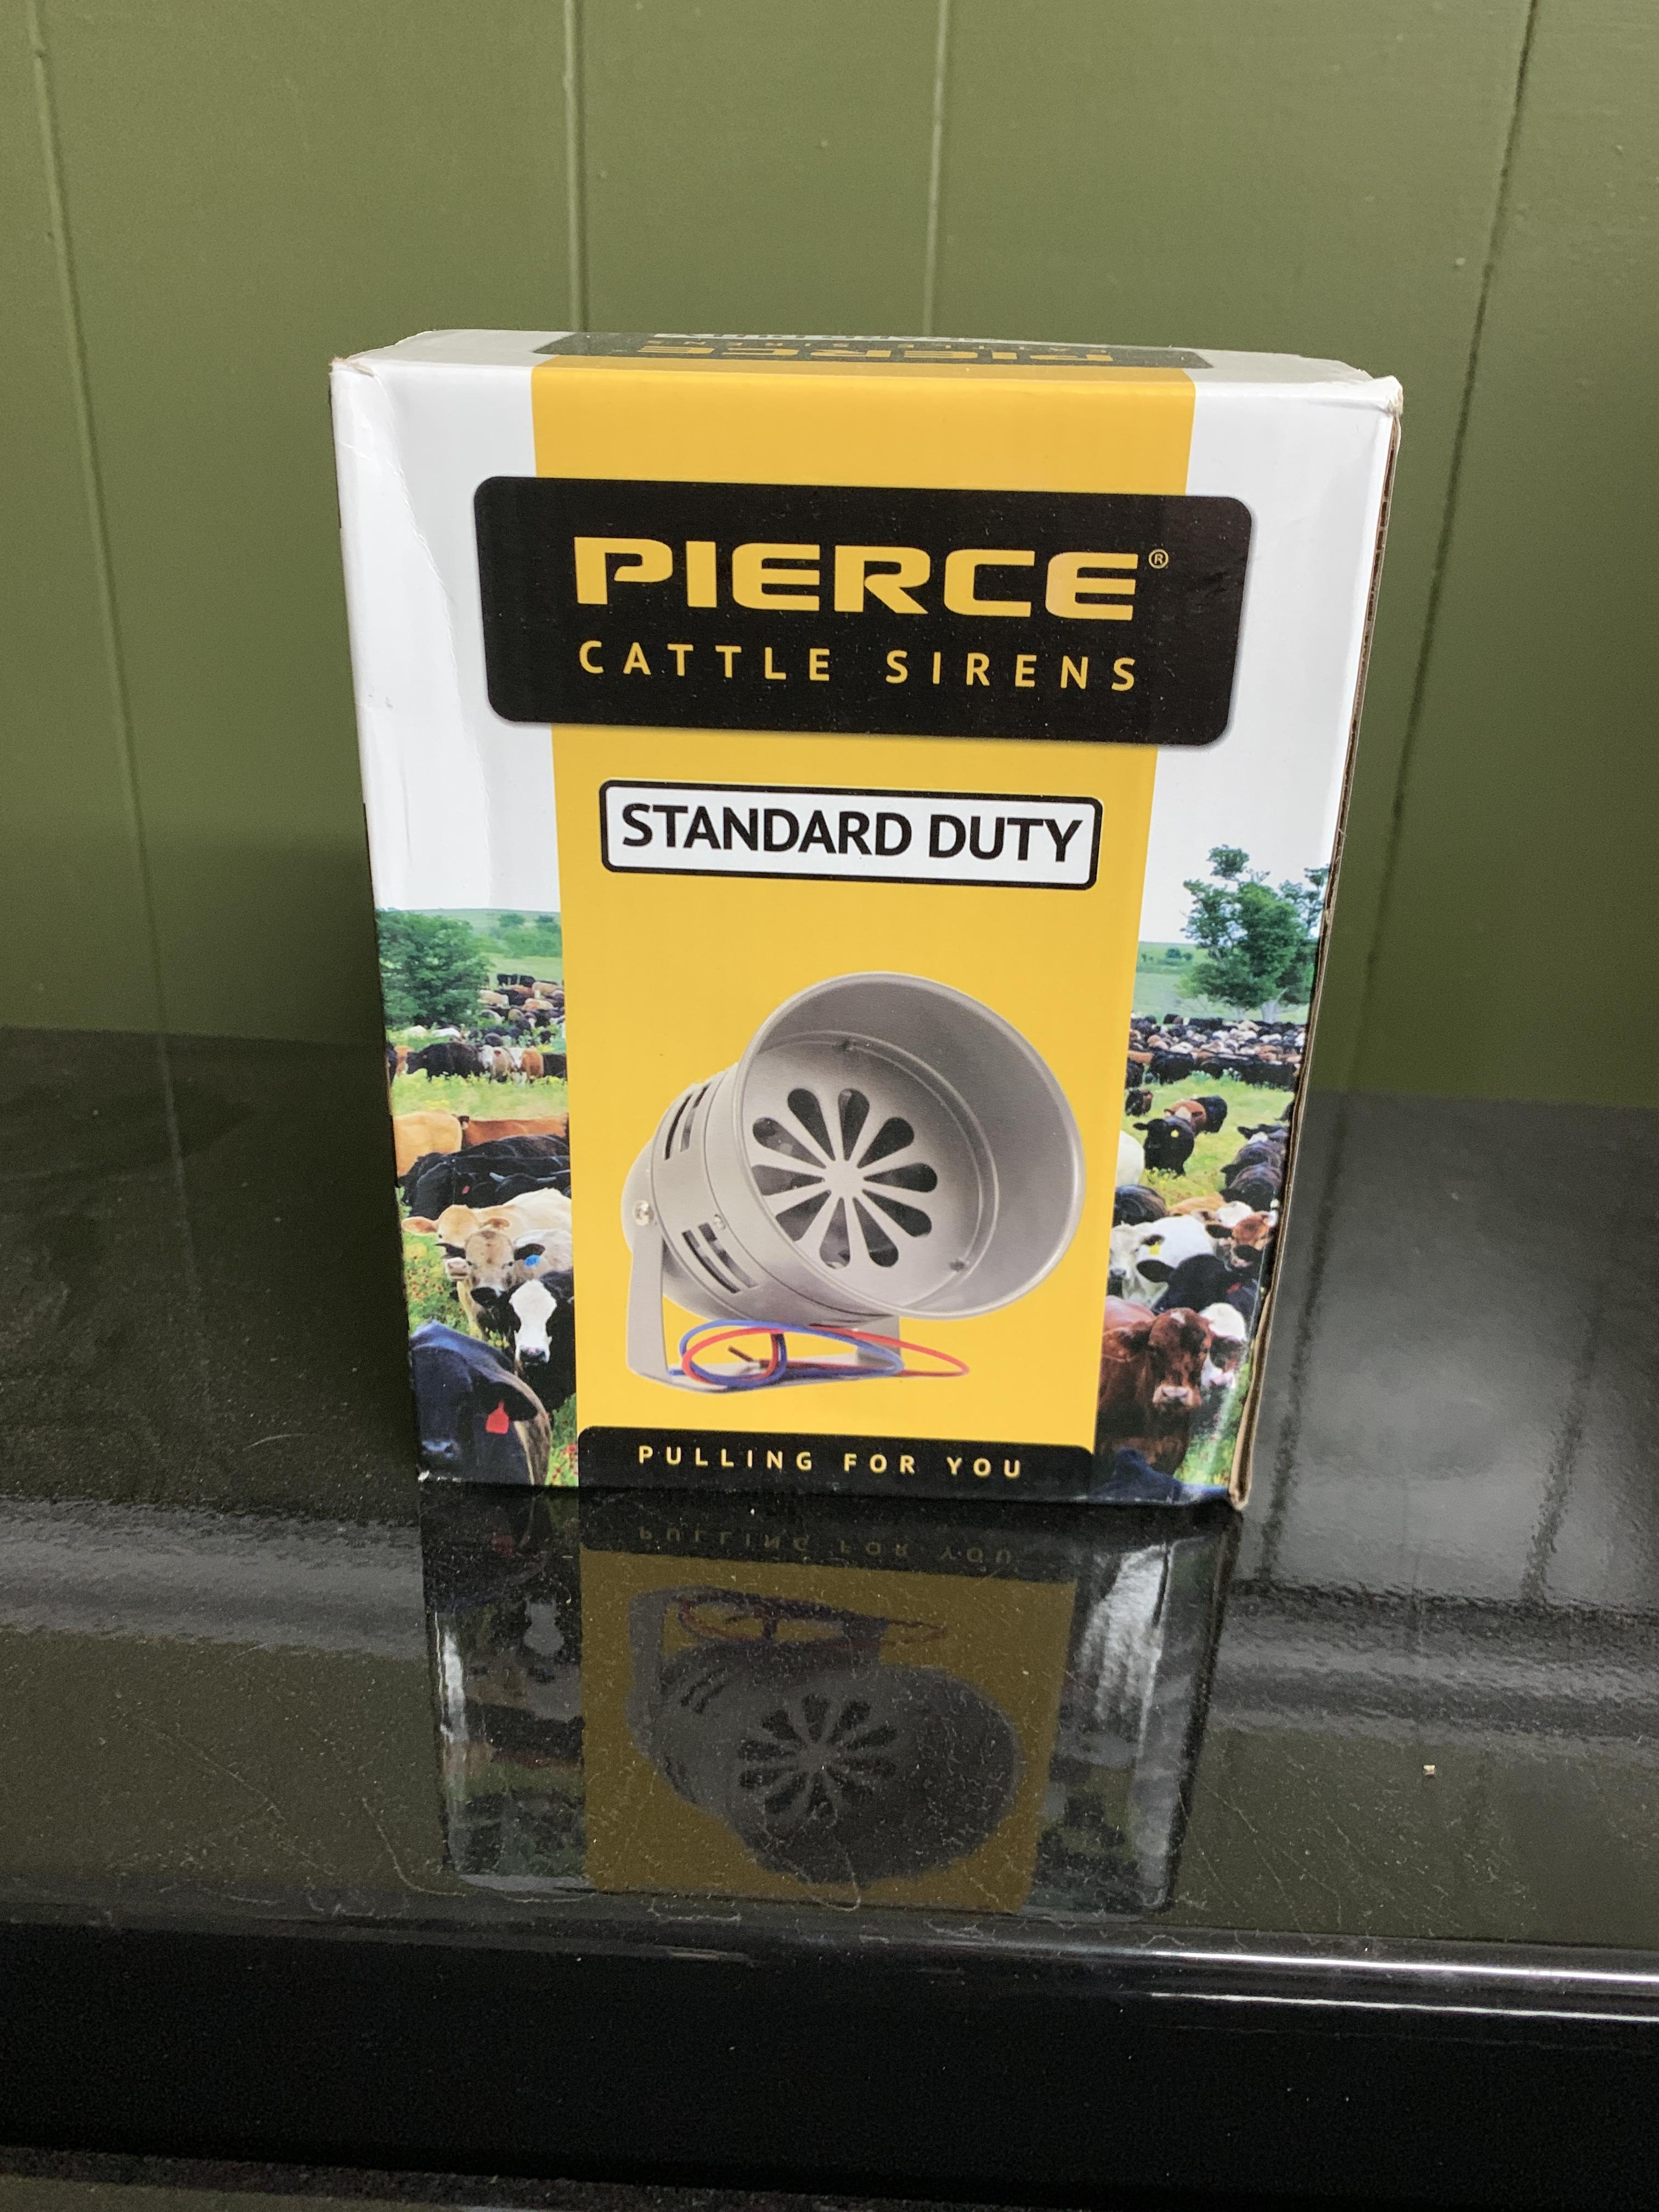 Pierce Standard Duty Cattle Siren